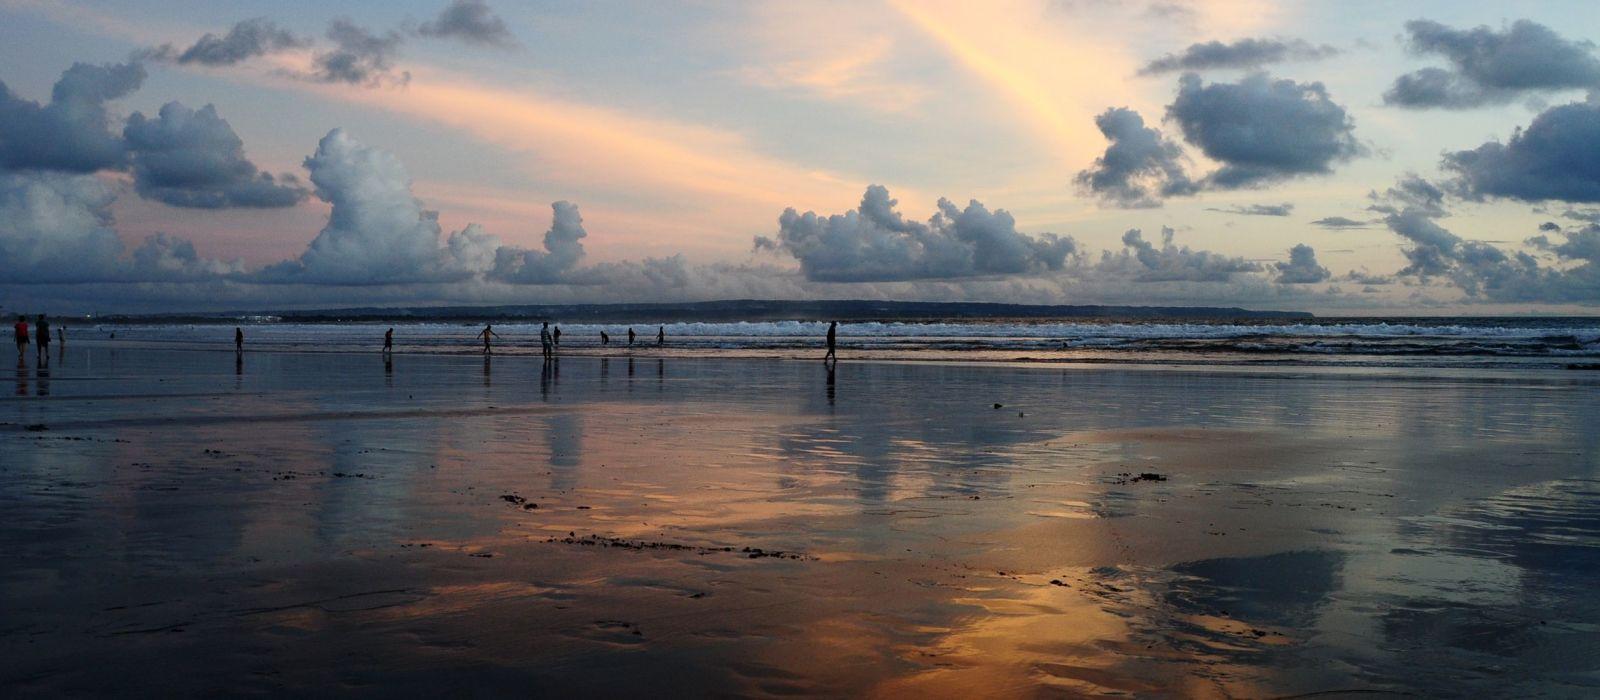 Indonesia: Von Insel zu Insel und Bali Urlaub 6